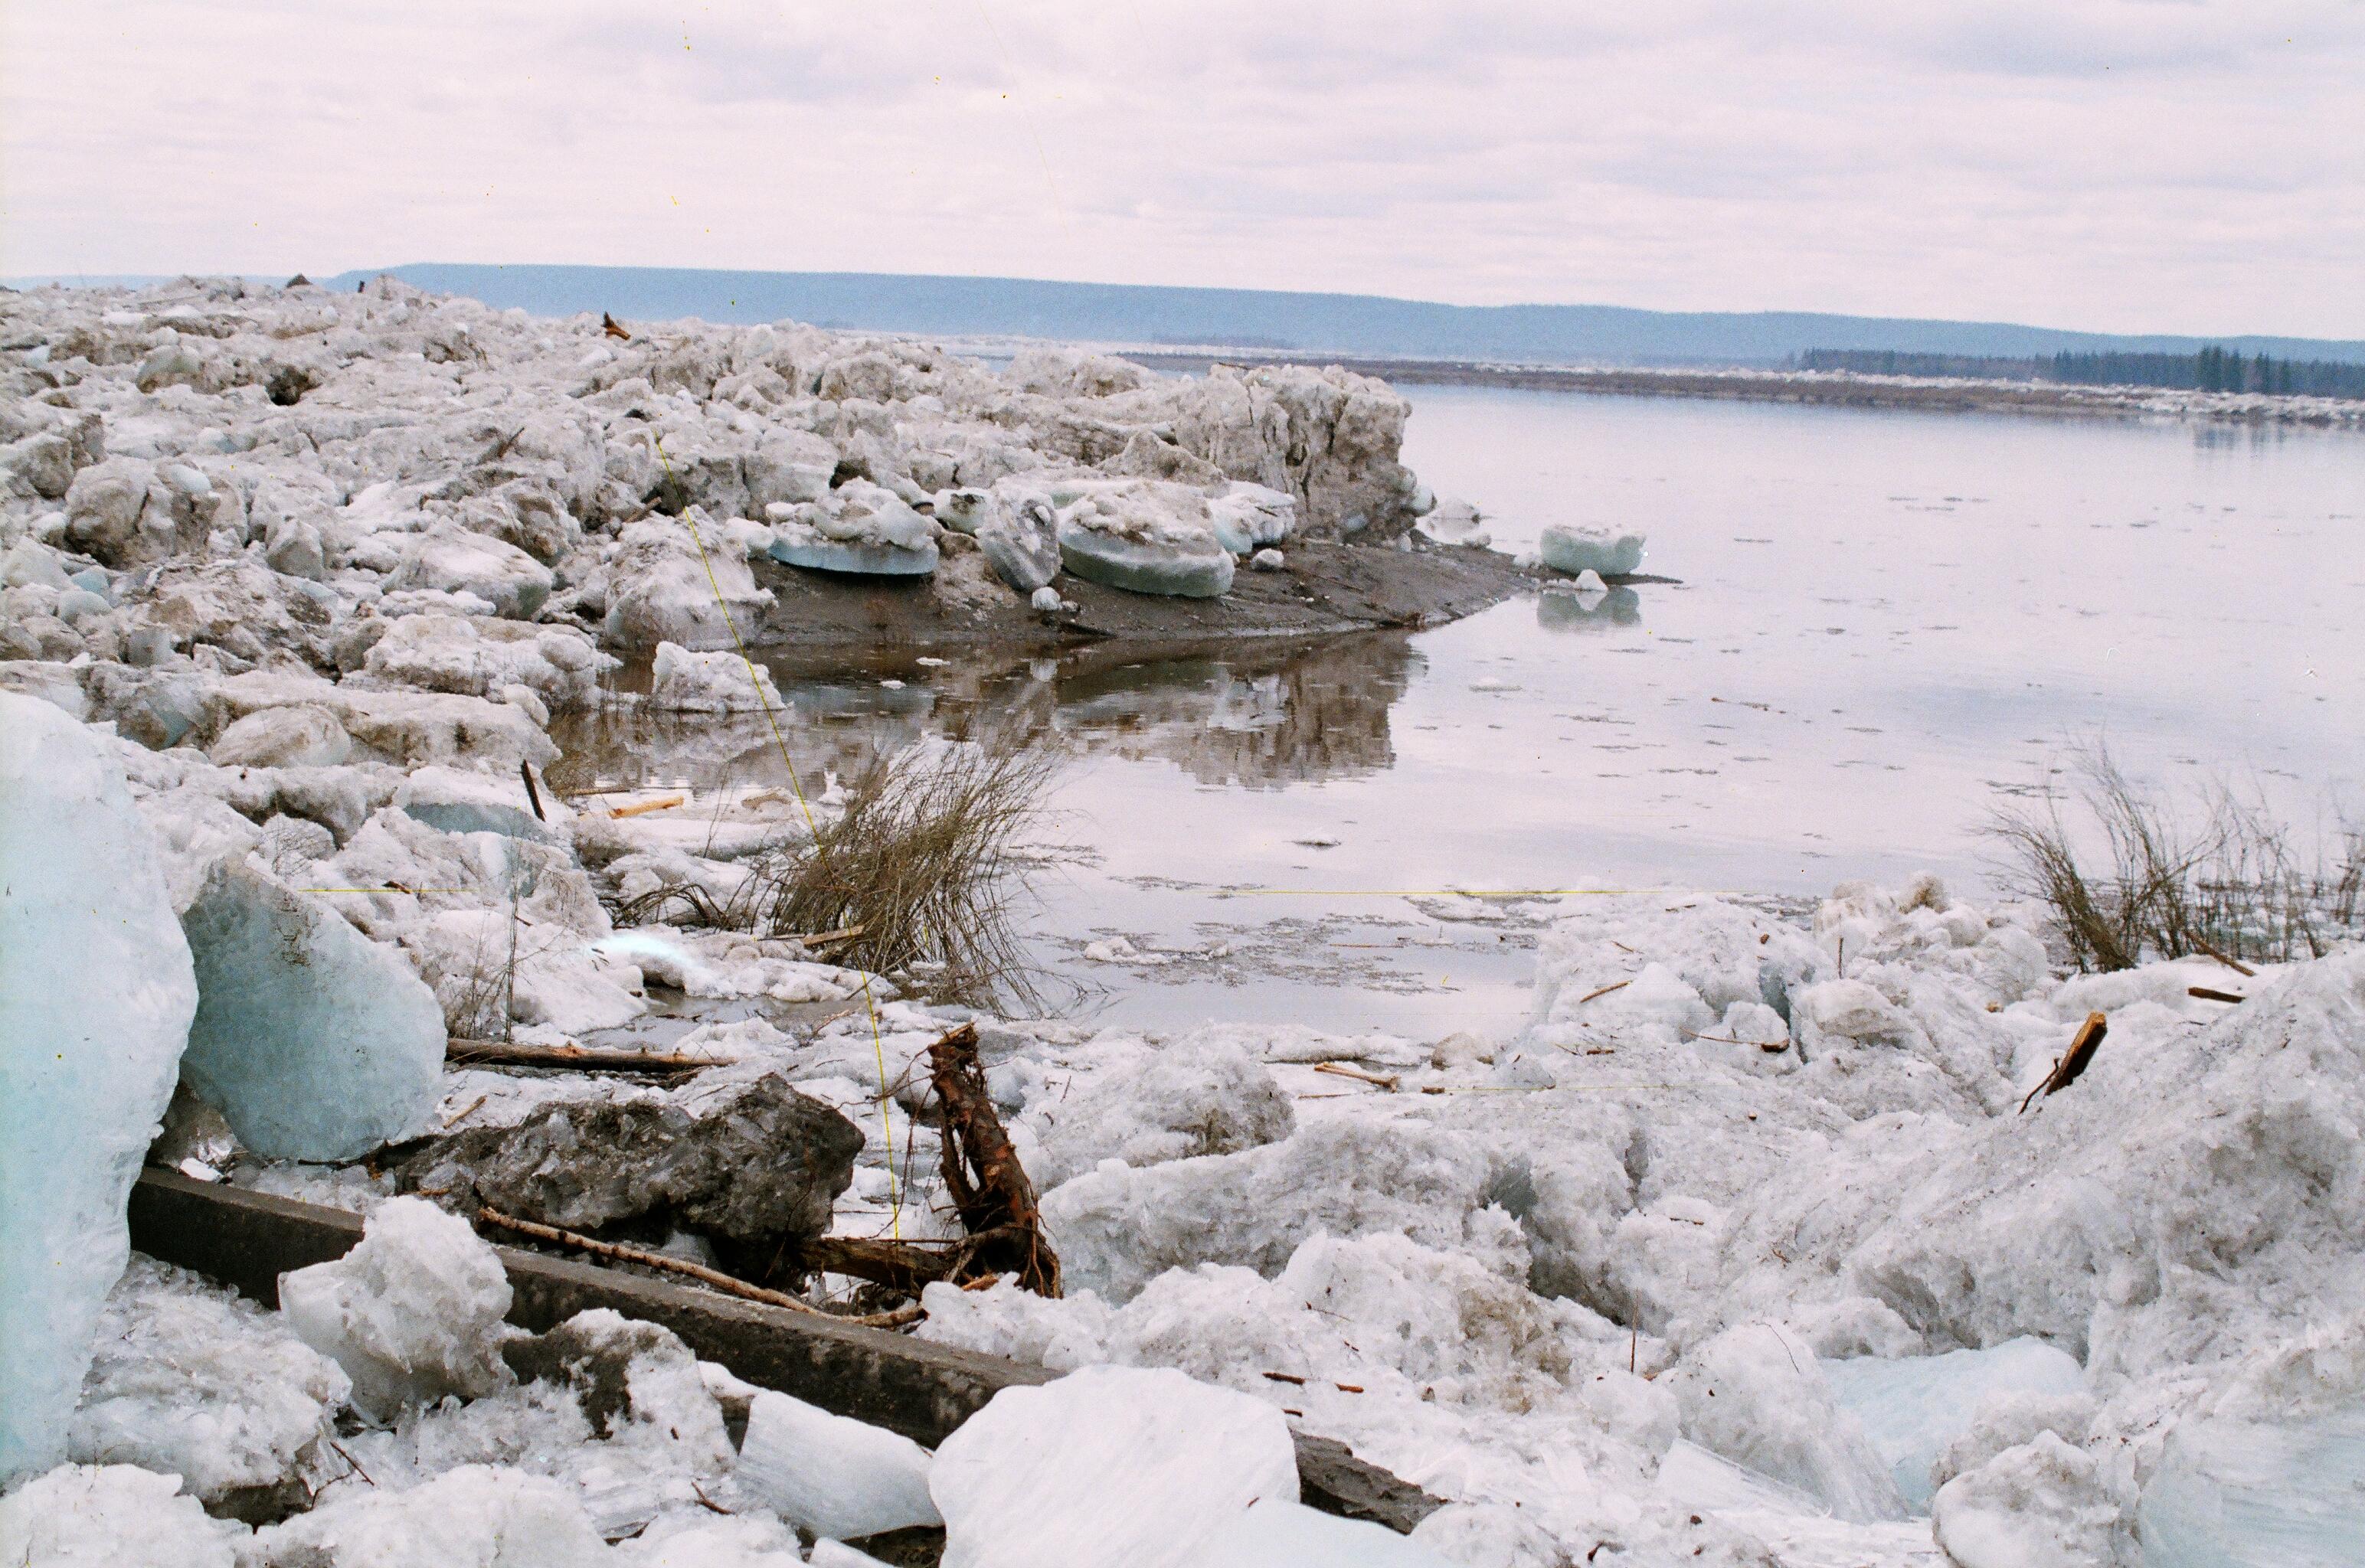 В Зырянке ожидается повышение уровня воды выше критической отметки